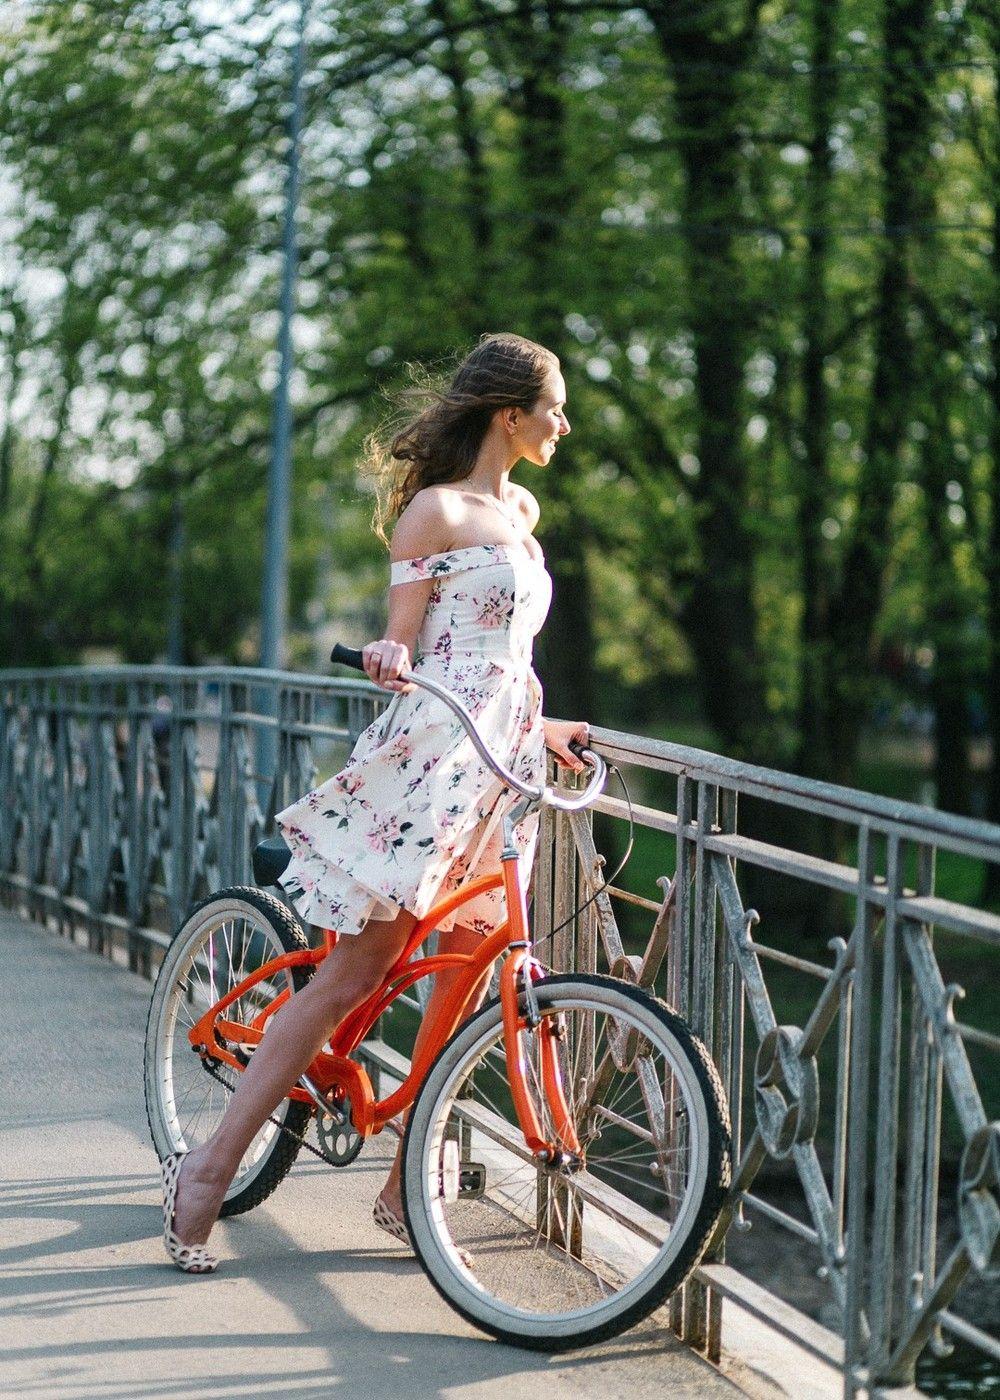 фотосессия на велосипеде позы понятно, что такая